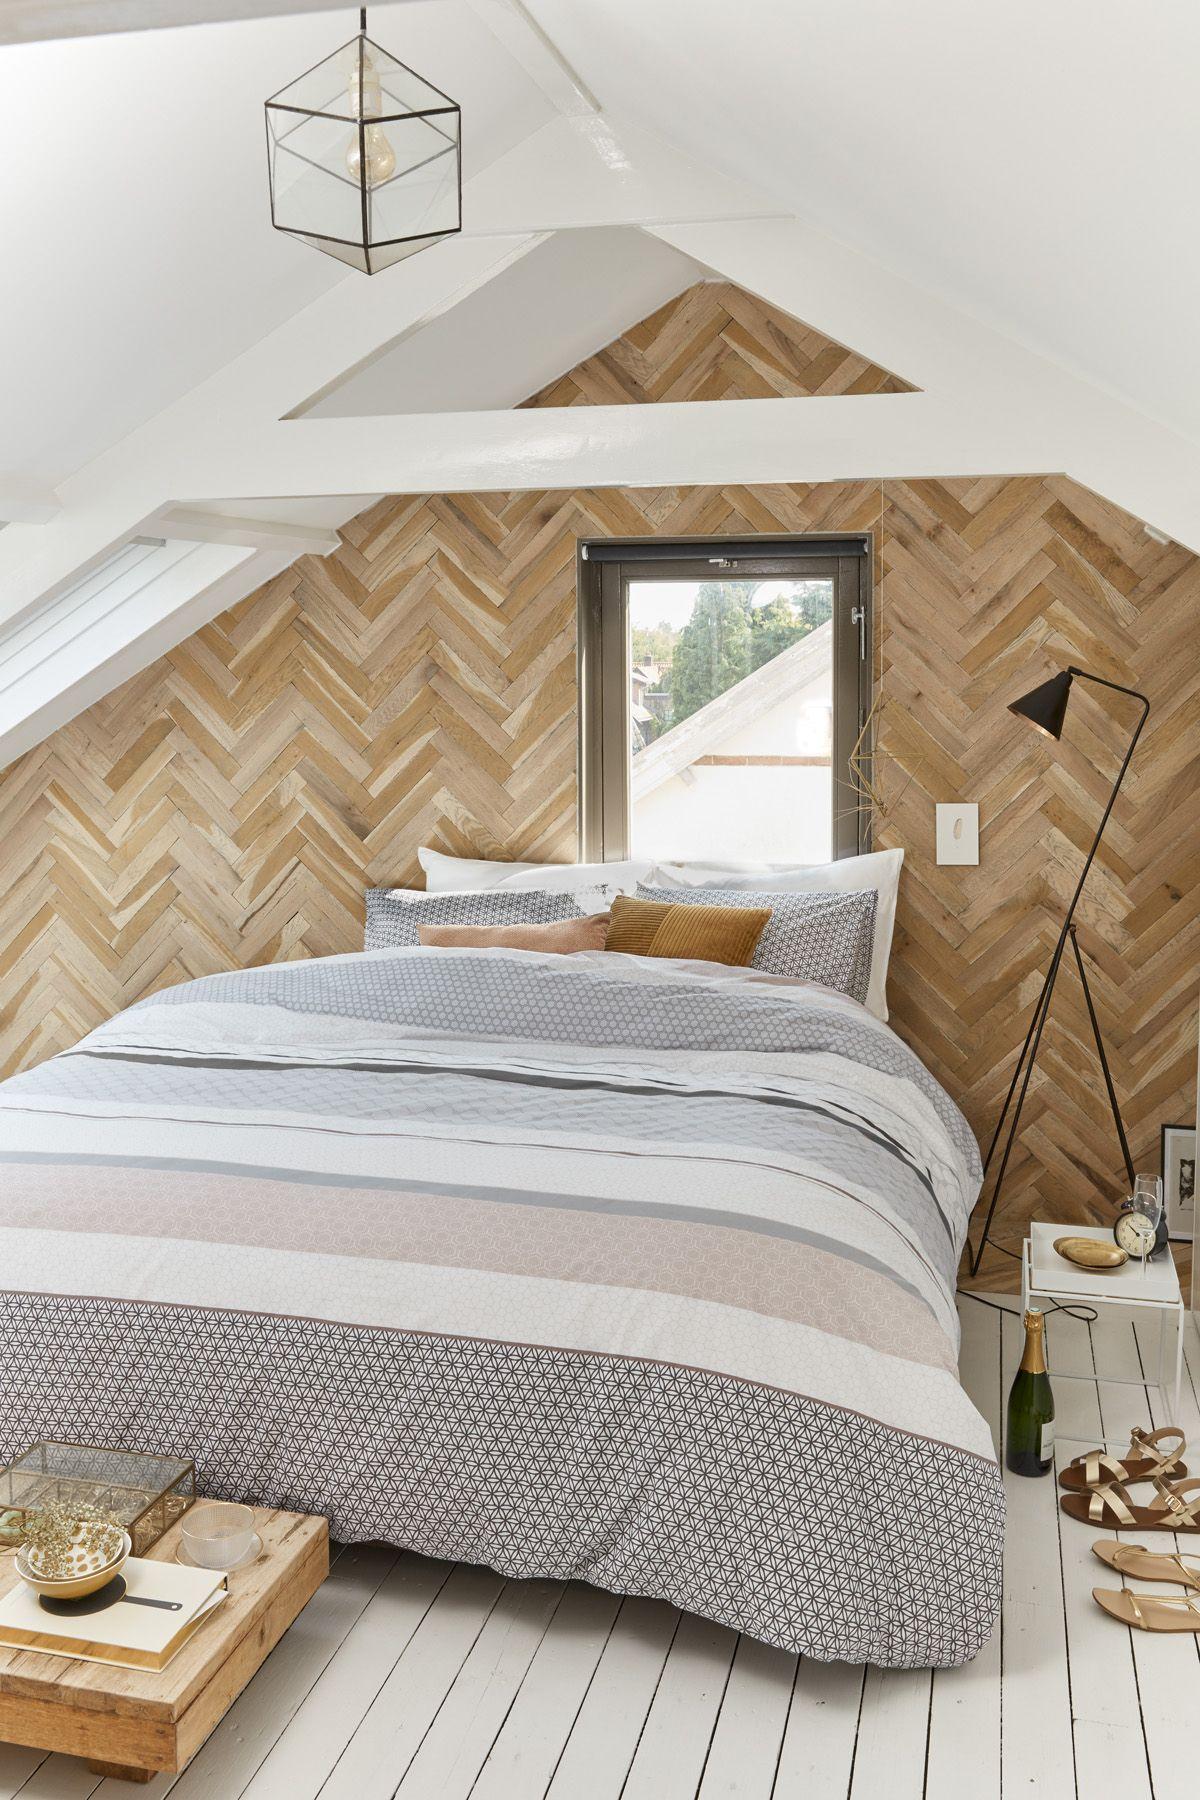 beddinghouse dekbedovertrek story toffee to coffee slaapkamer inspiratie wooninspiratie